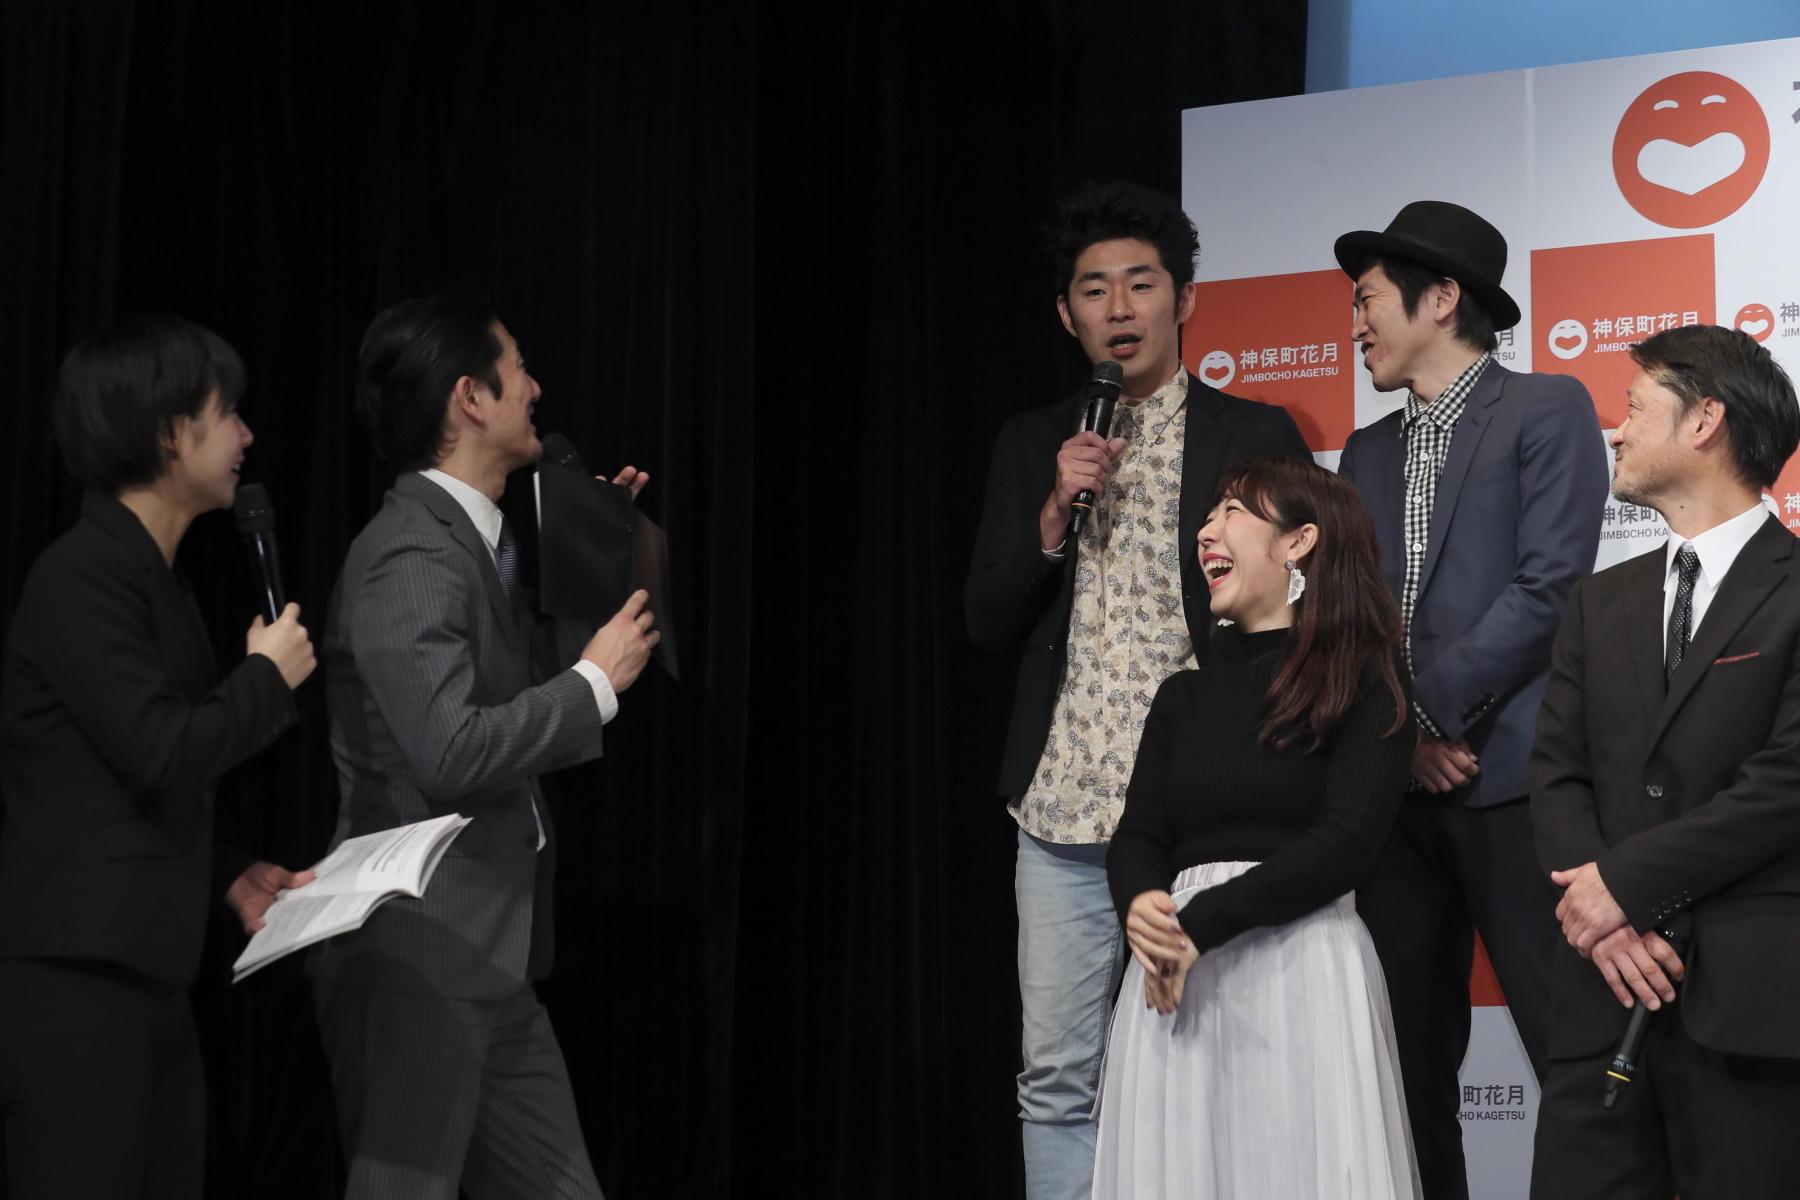 http://news.yoshimoto.co.jp/20181204214257-ab3d7ad2bb50884a5229cb5d5a059c01d3fd0f78.jpg